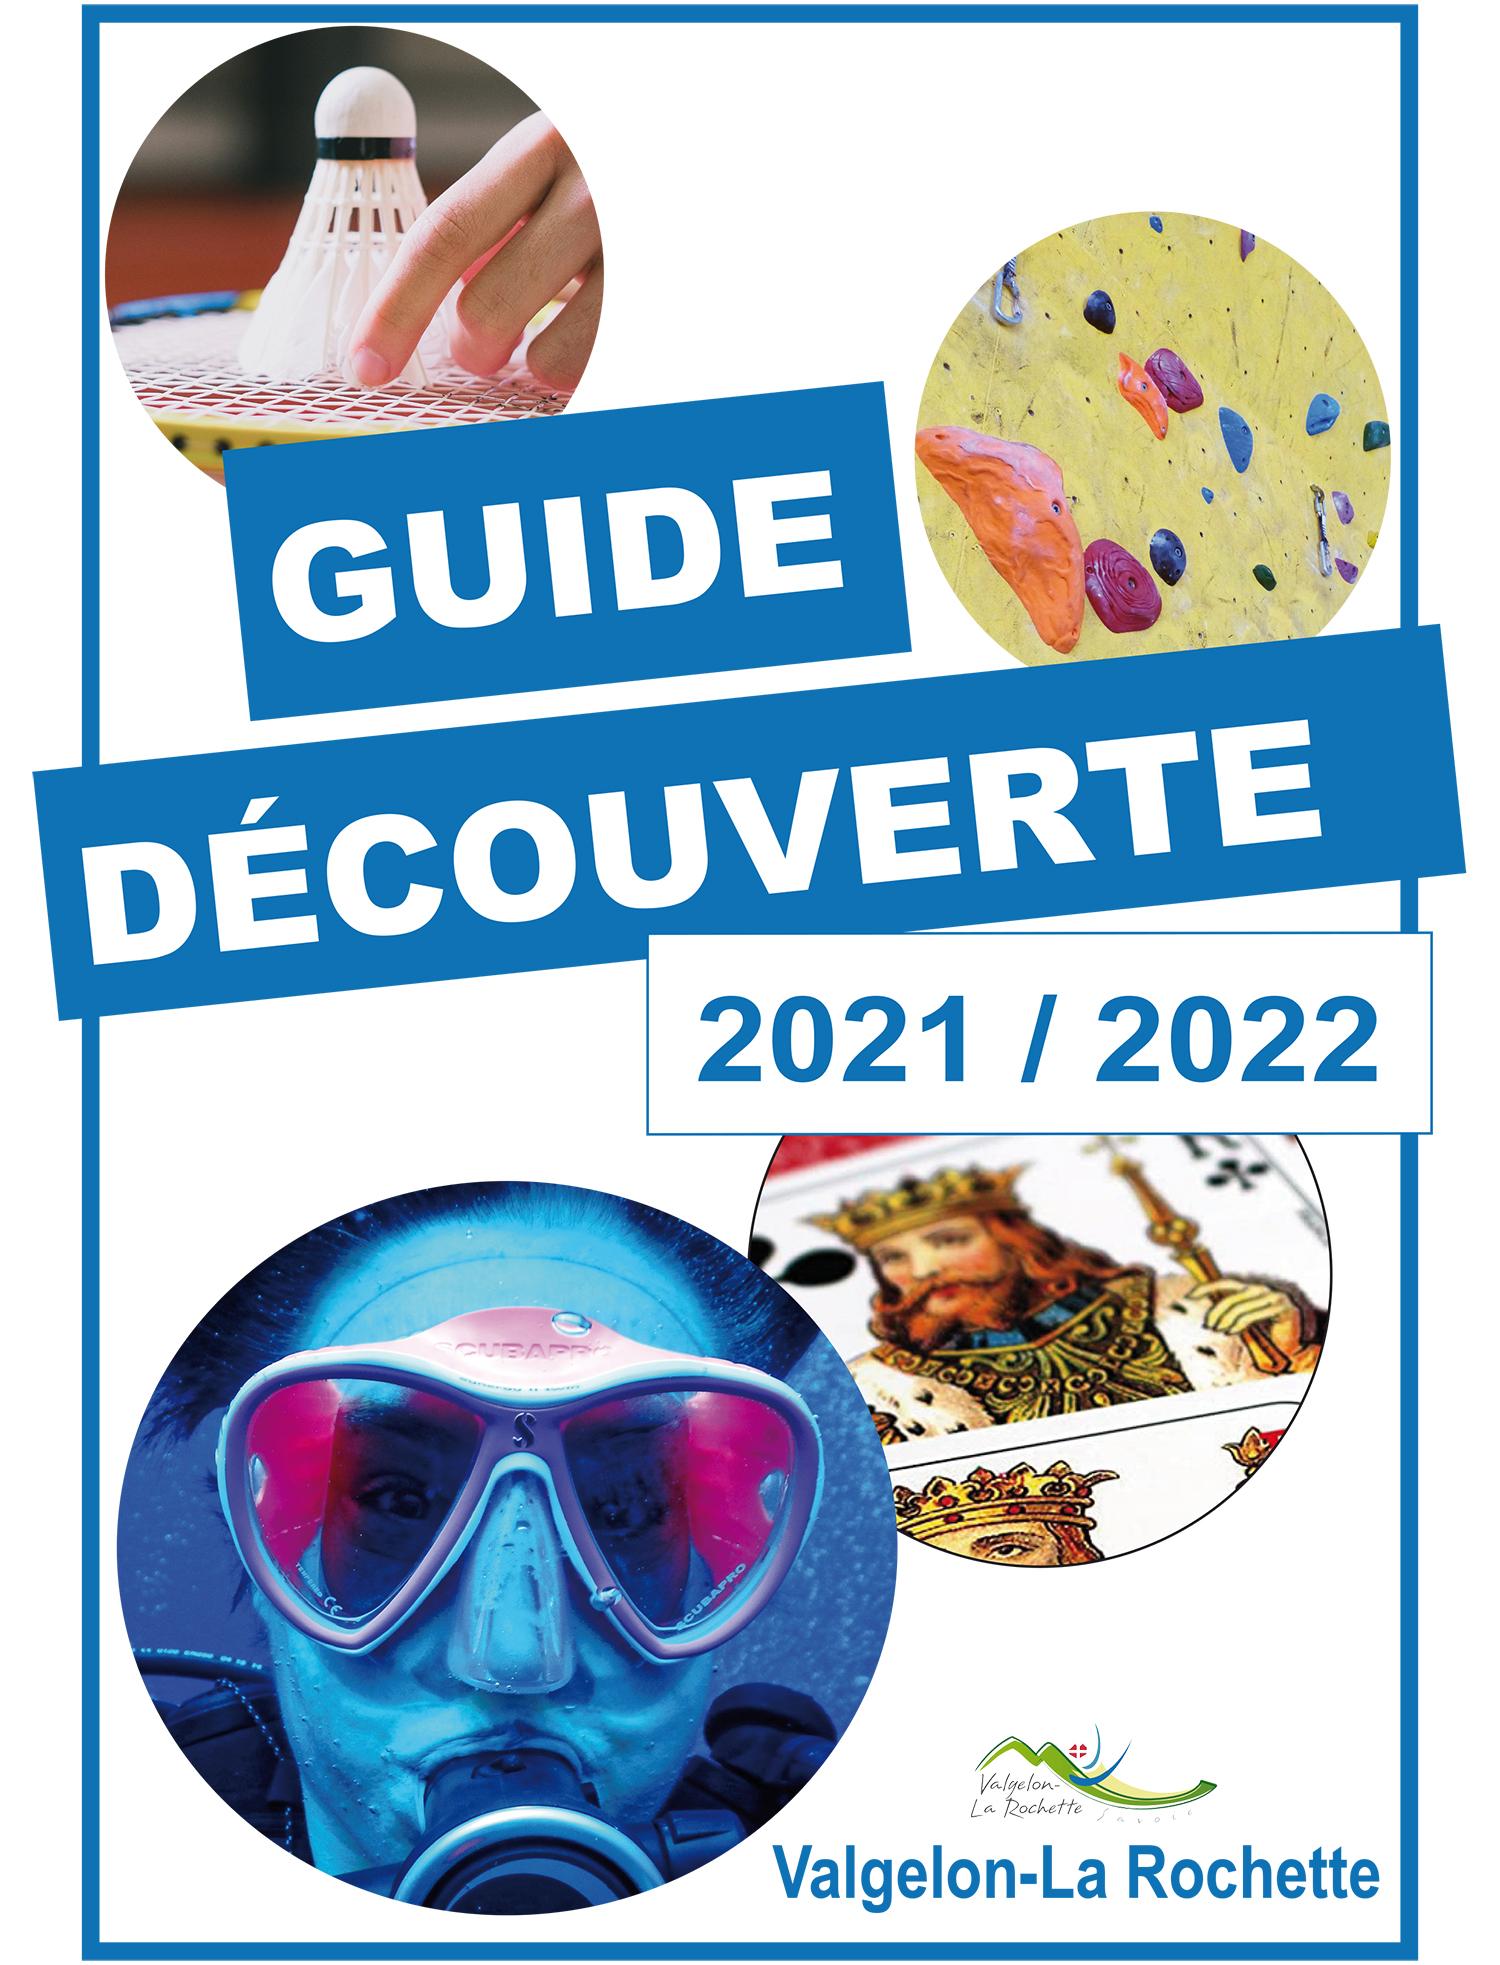 Guide découverte 2021 – 2022